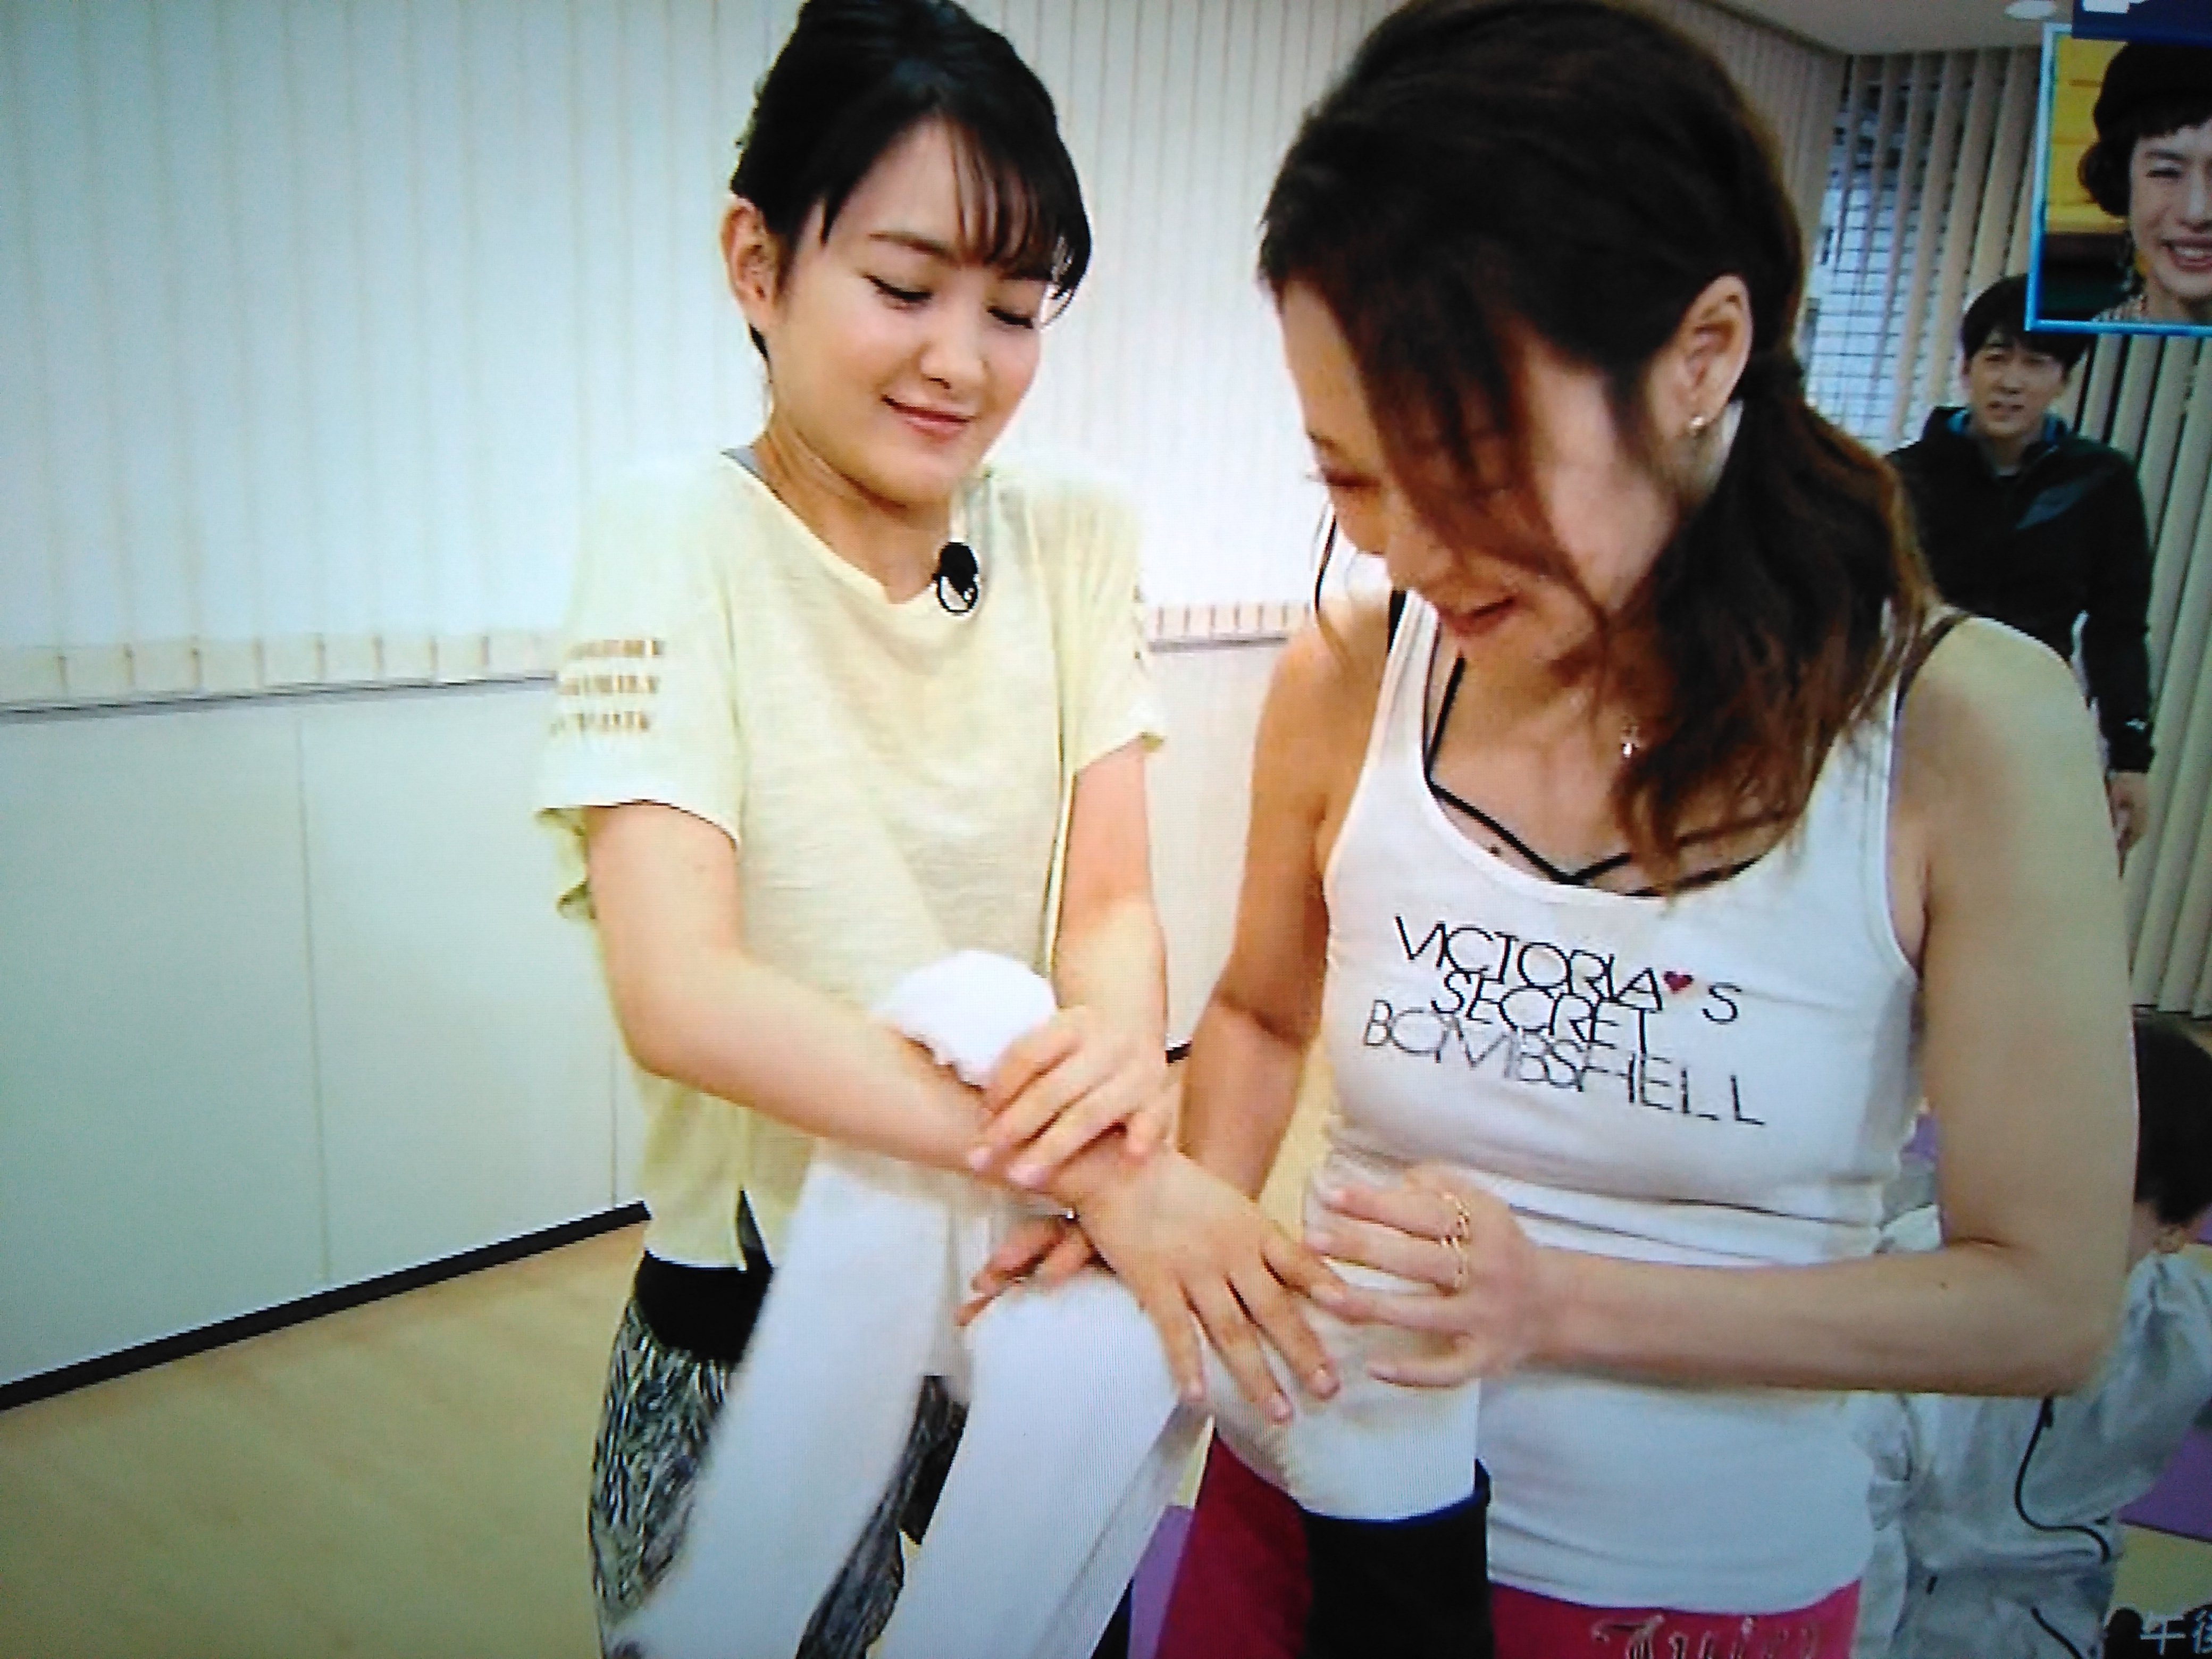 一応、葵わかなさんがやってきて、ニノの足を押し「いてててて!」と言う掛け合いはあったので、ニノだけ完全スルーじゃなくて良かった~。